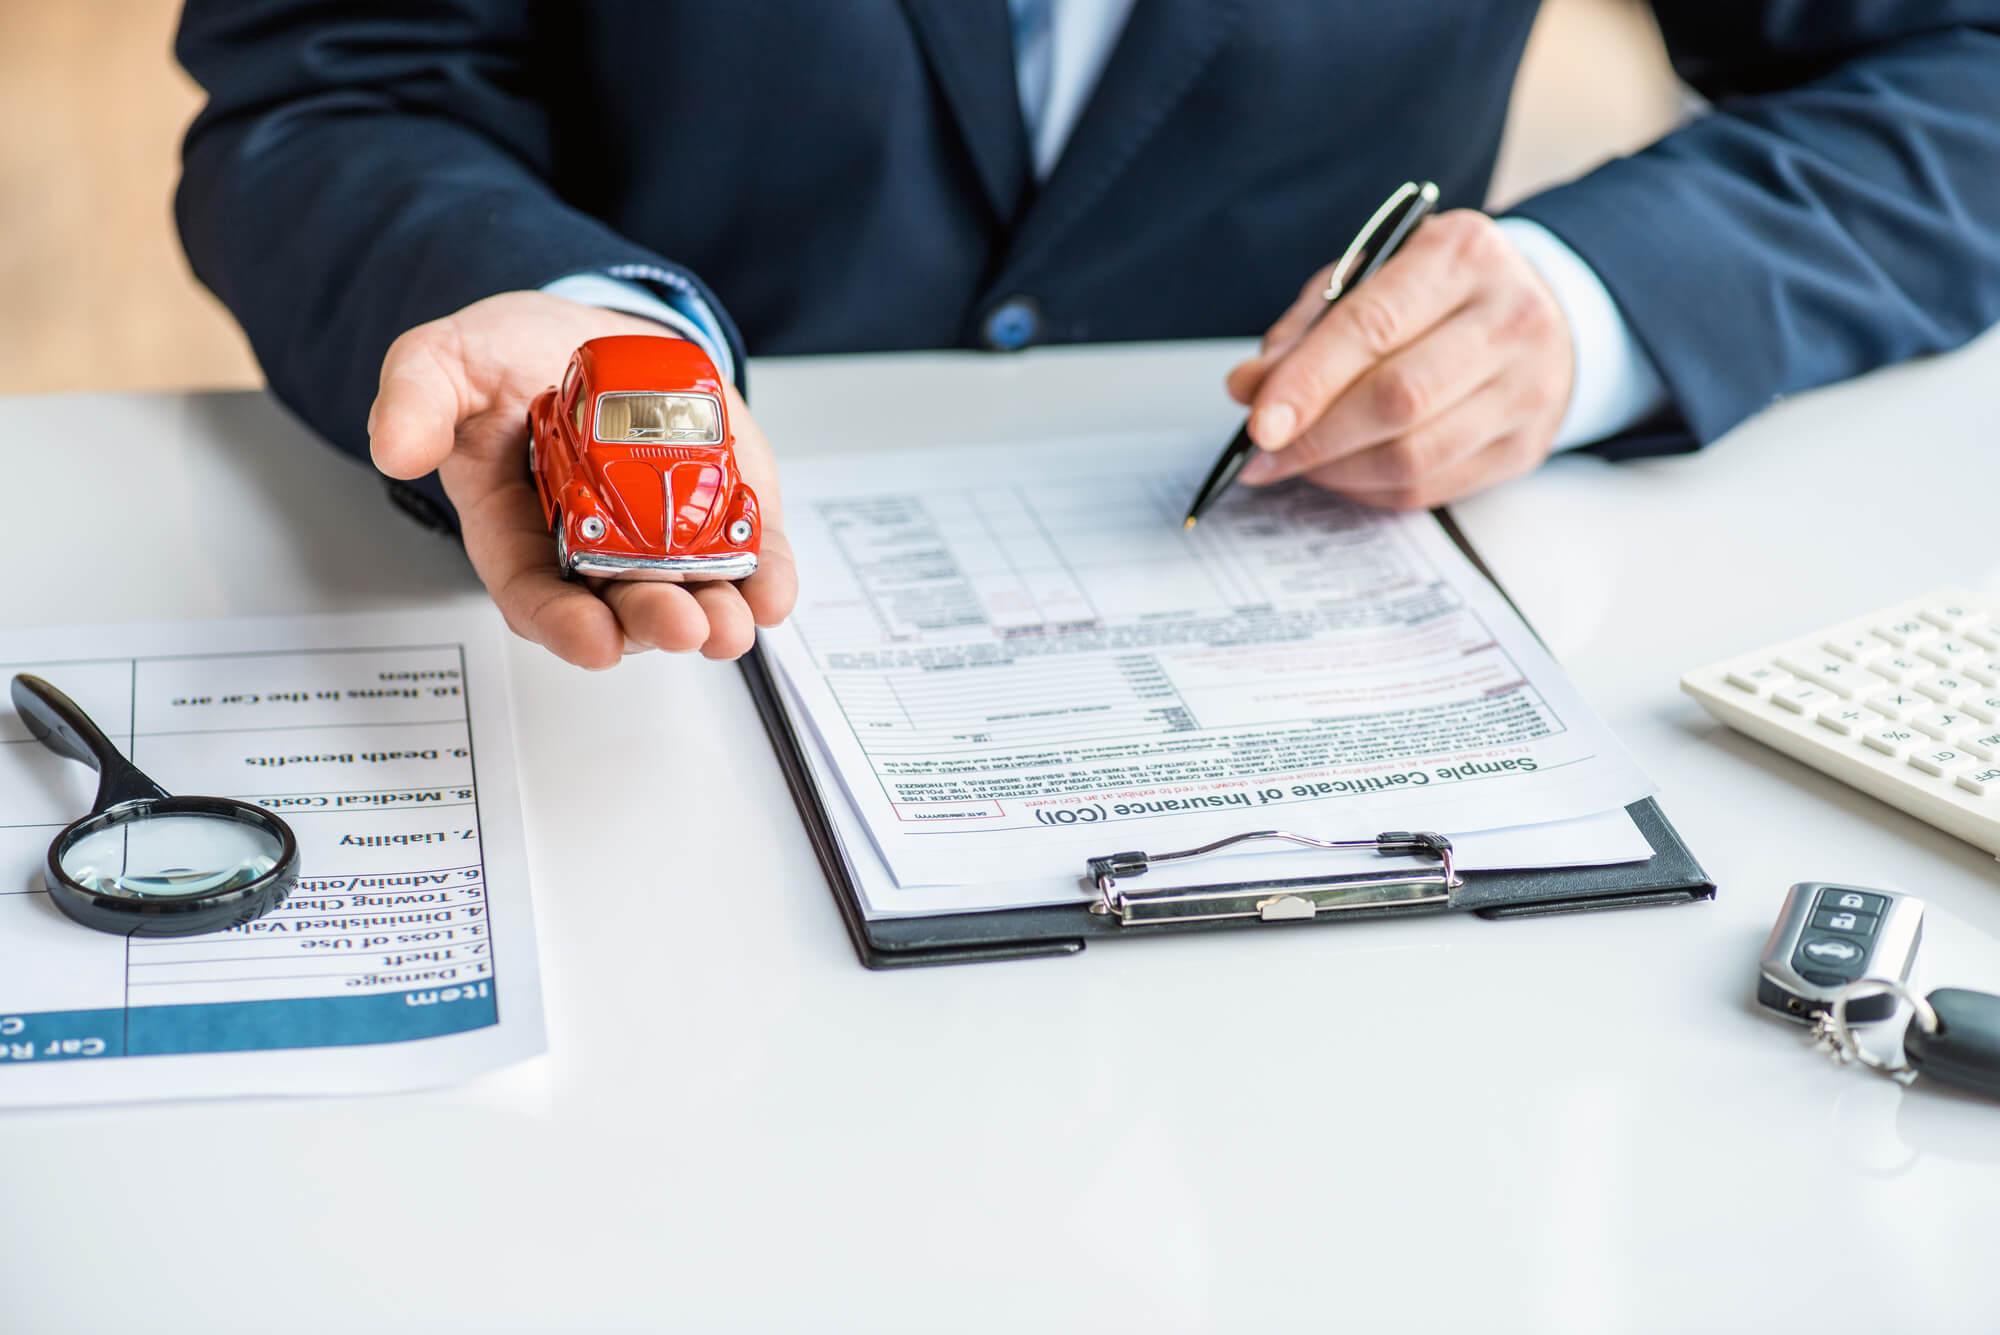 Amortyzacja samochodu – sprawdzone porady dla przedsiębiorców